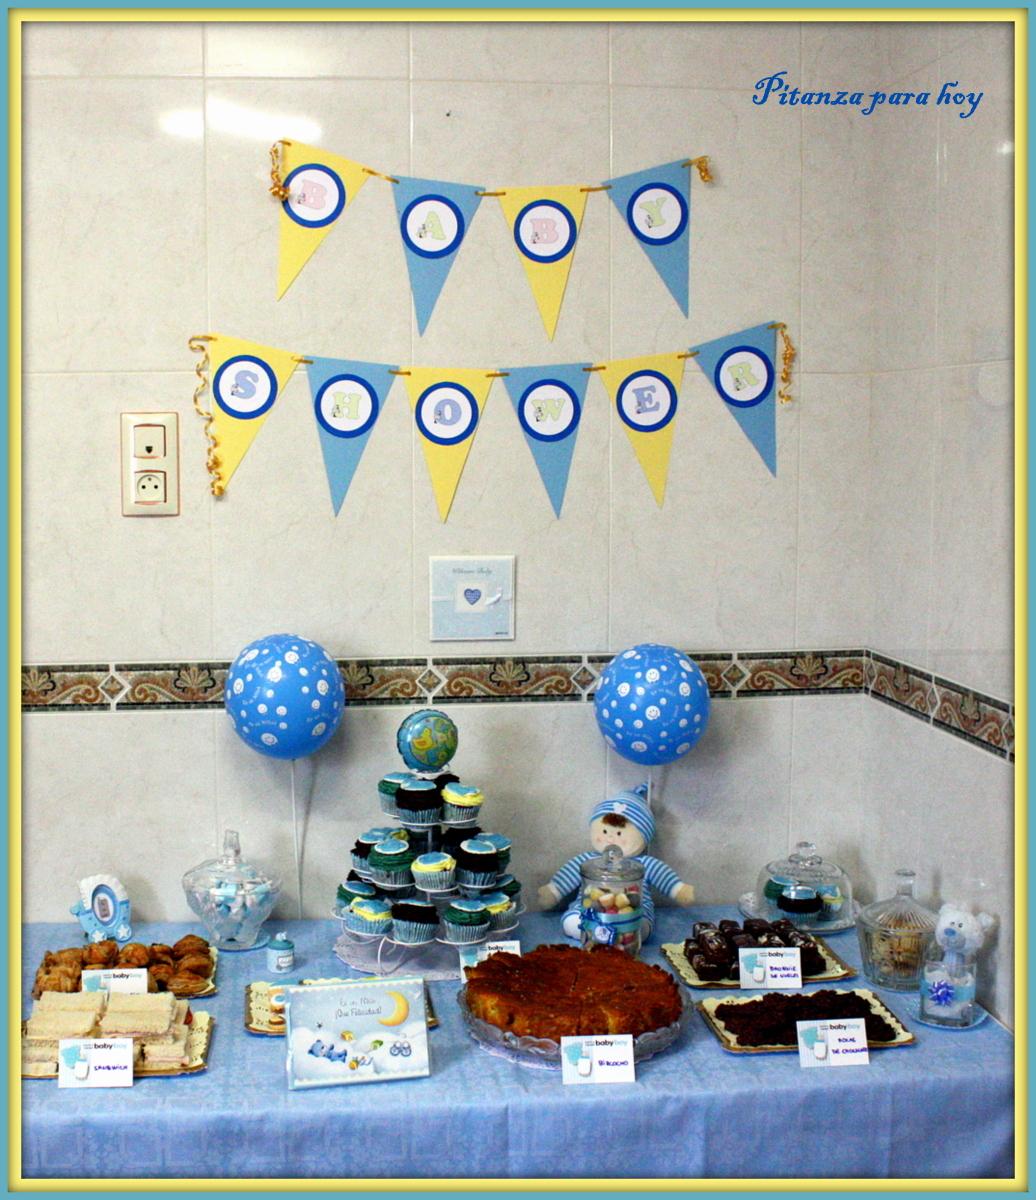 Pitanza para hoy: Cómo organizar una Fiesta de Baby Shower ...